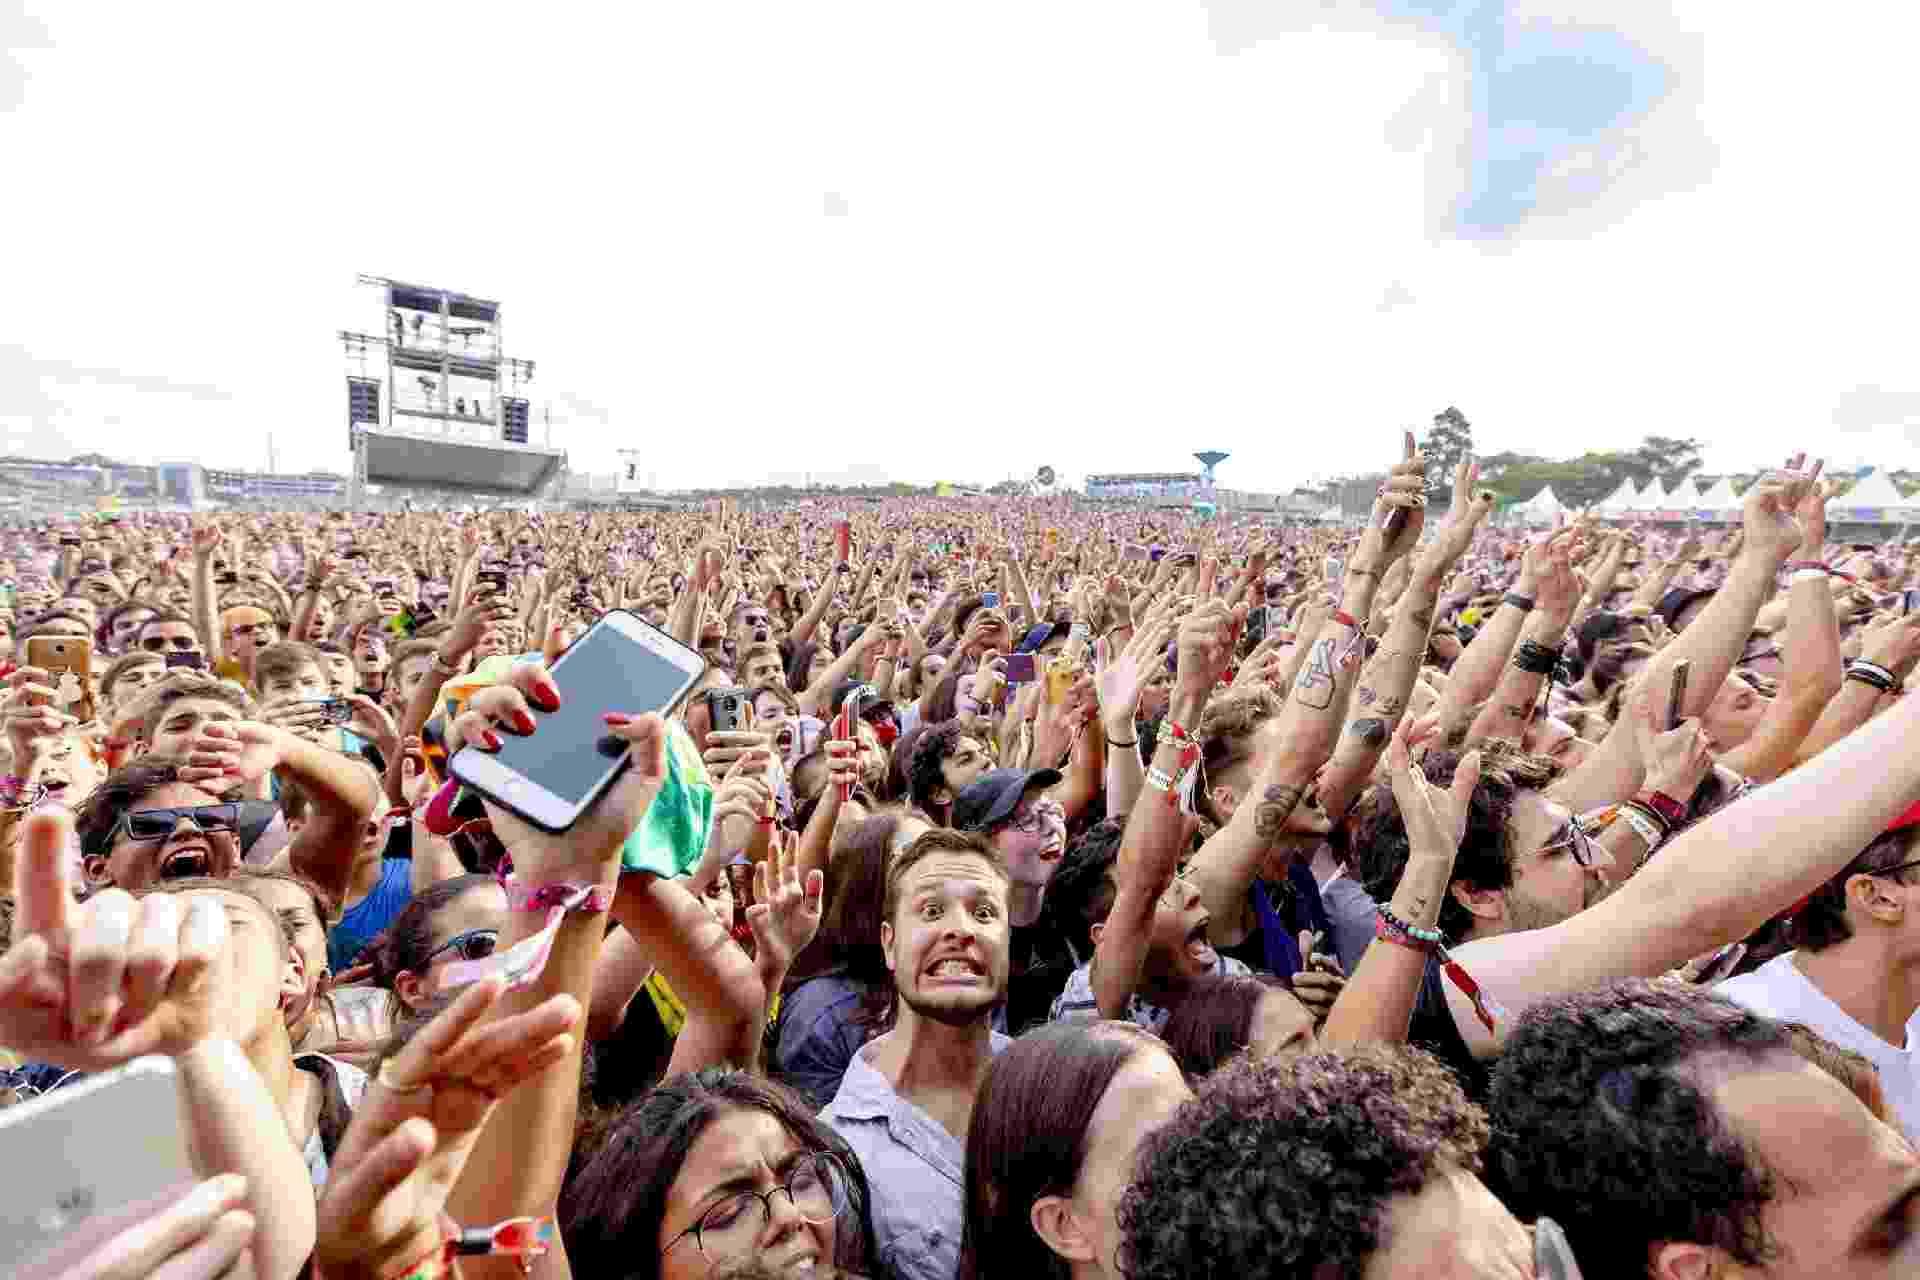 Público curte o primeiro dia de Lollapalooza Brasil 2019, no Autódromo de Interlagos, em São Paulo - Mariana Pekin/UOL